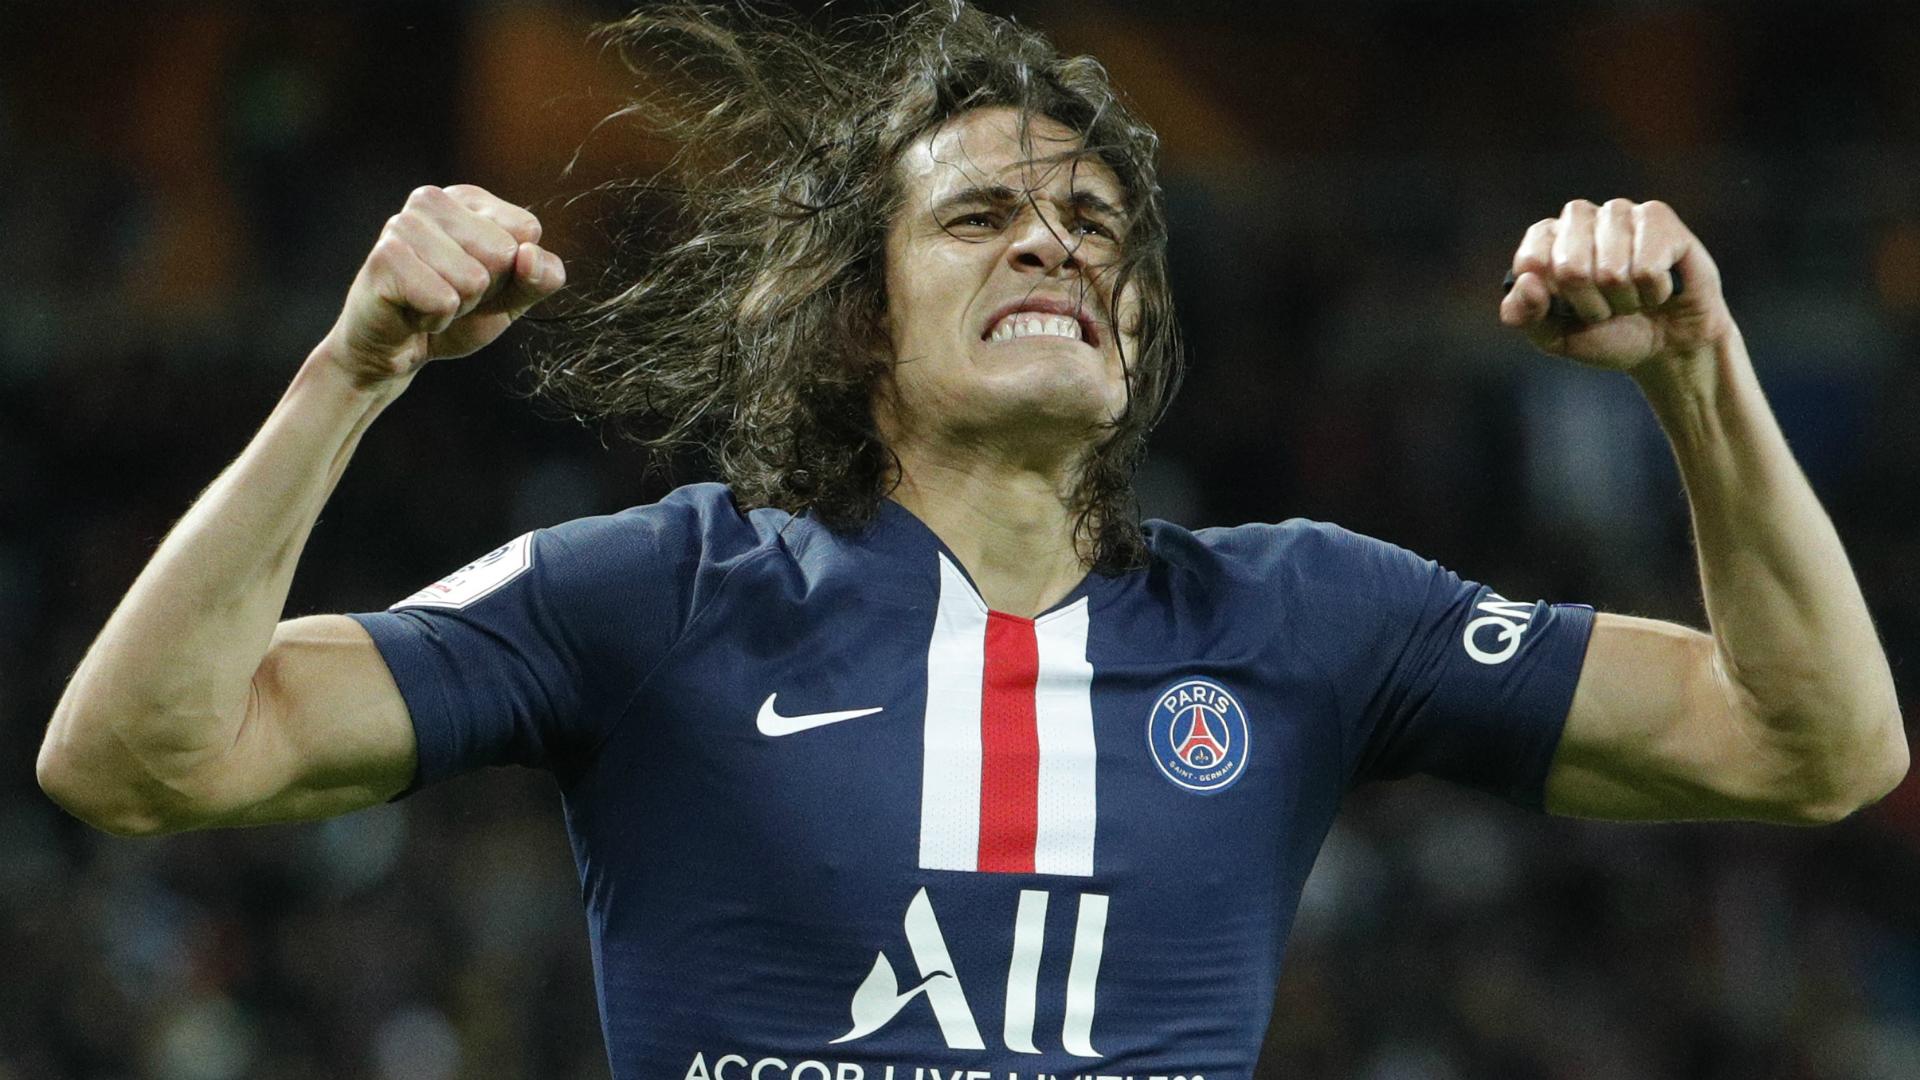 Cavani focused after failed exit – Tuchel praises PSG goalscorer